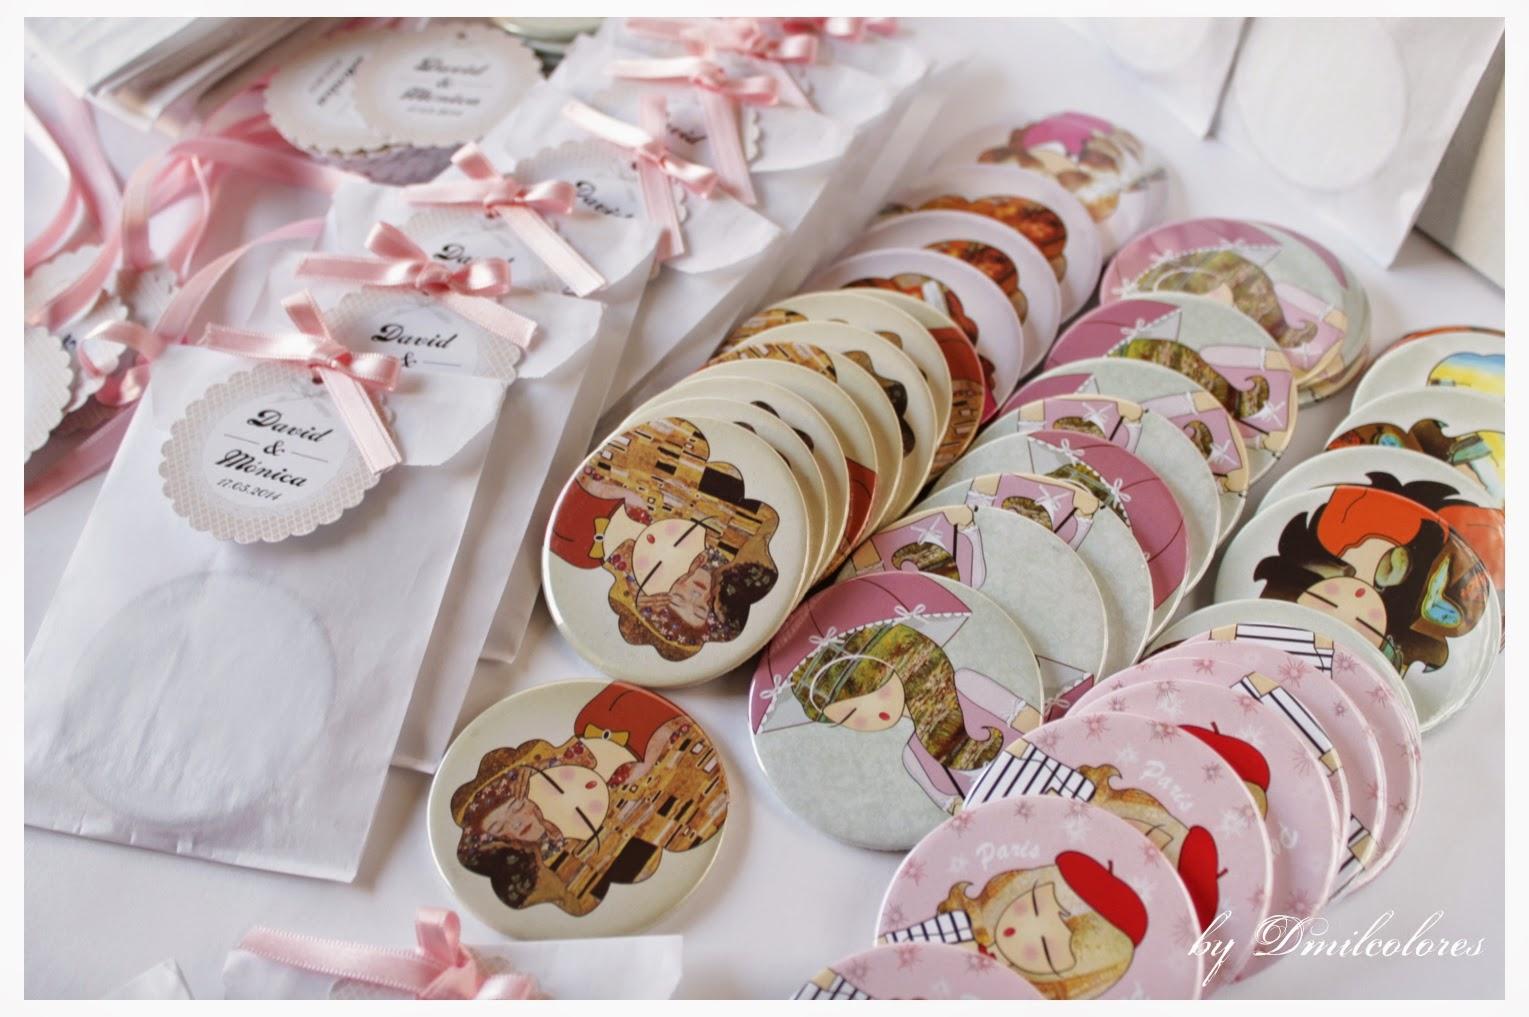 Detalles de boda para dmilcolores detalles originales y alfileres de novia - Bodas originales ideas ...